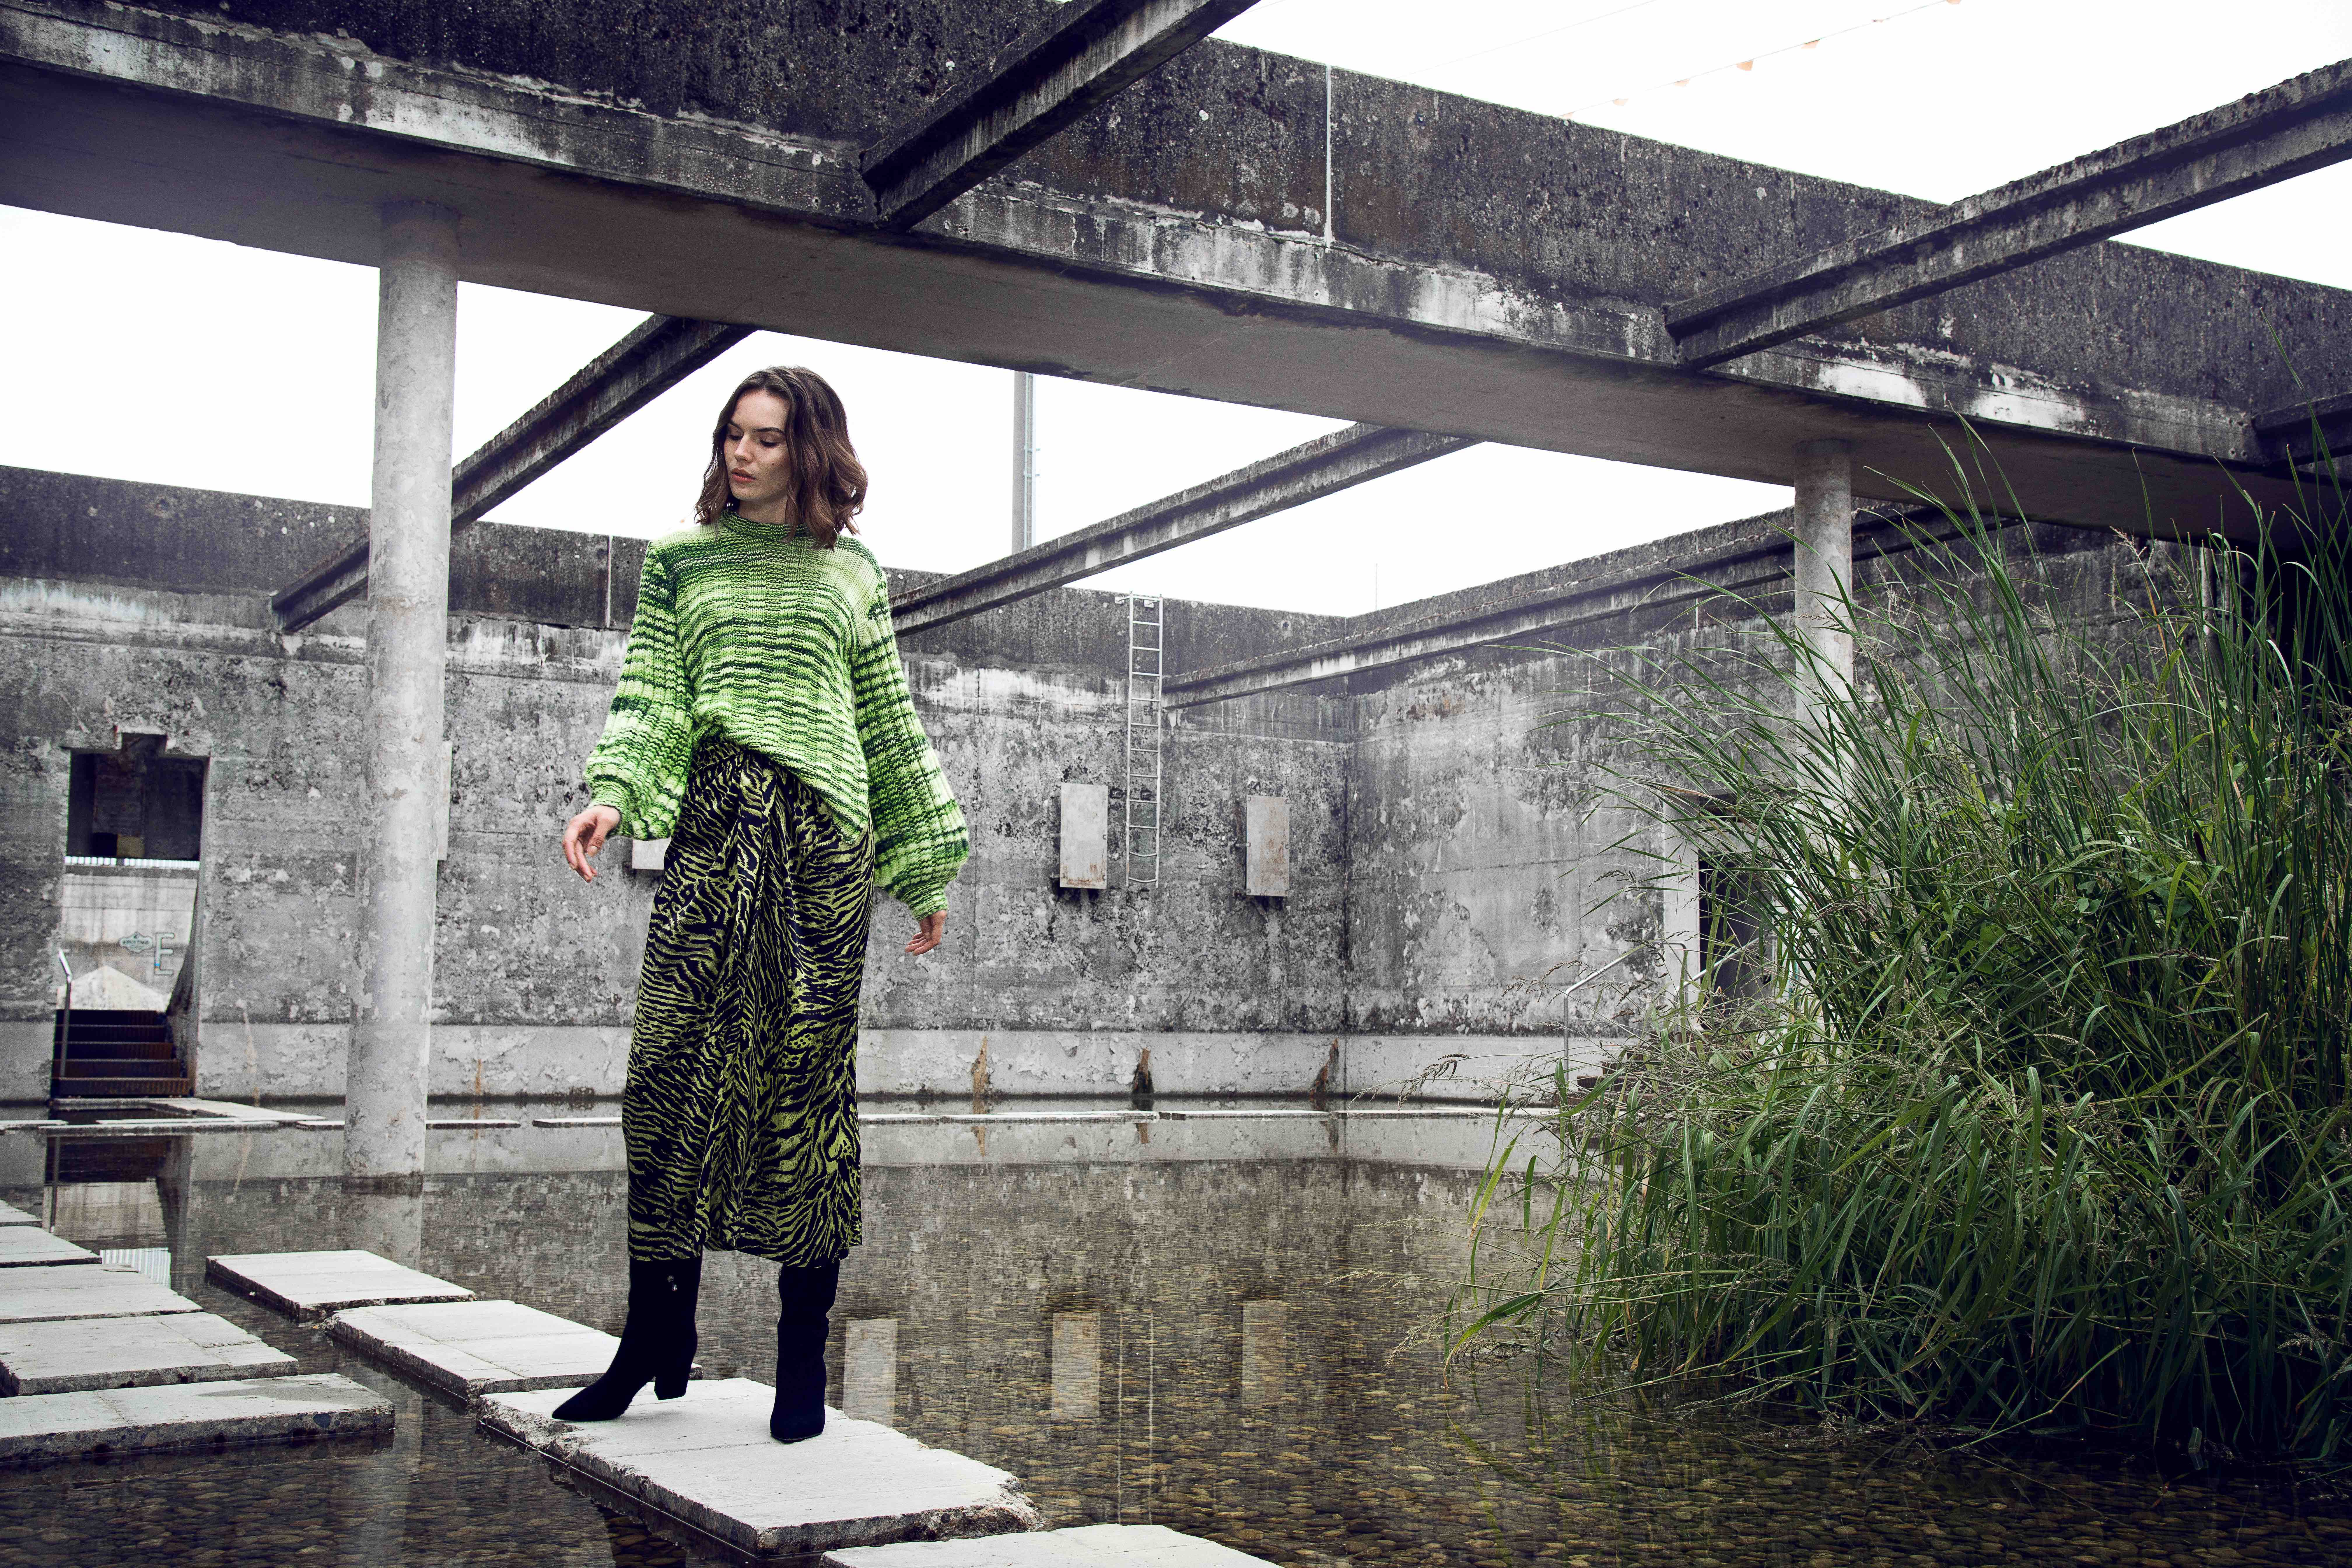 Neue Arbeit von Juliette für Ledergerber - neue-arbeit-von-juliette-f--r-ledergerber-ID14495-2.jpg?v=1571824844